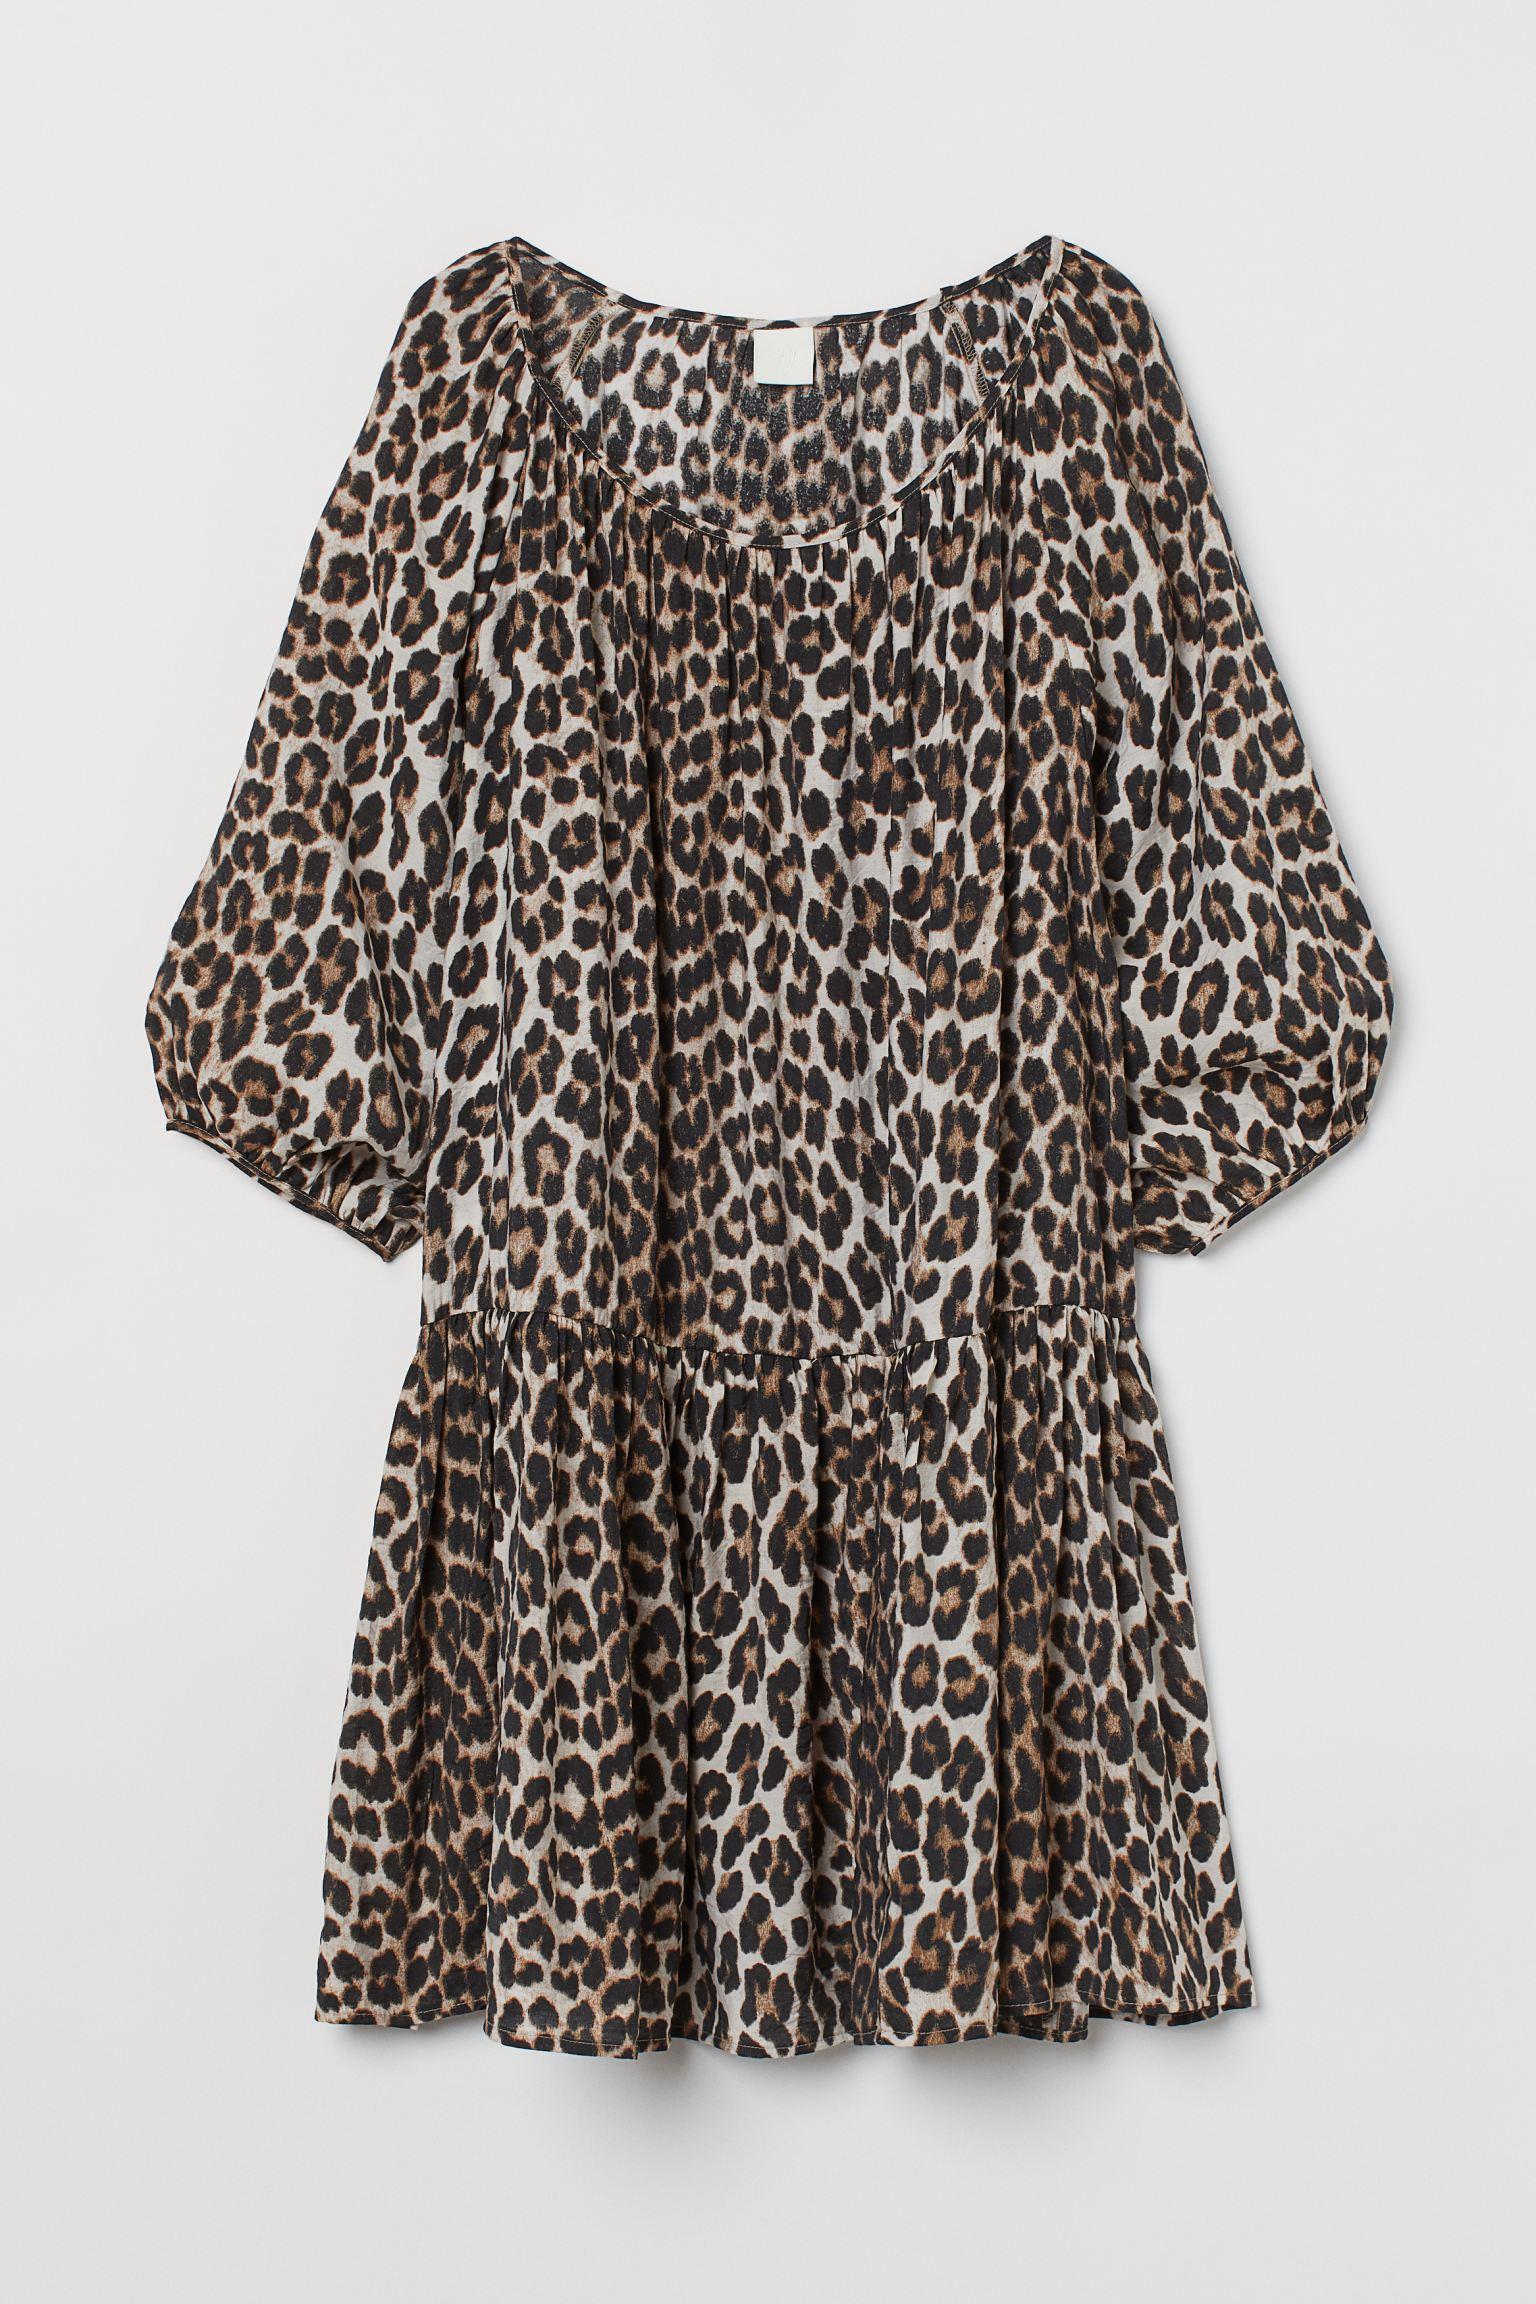 Vestido corto en tejido vaporoso de mezcla de viscosa. Escote amplio fruncido, manga francesa con remate elástico fino y costura fruncida en el bajo para dar vuelo.